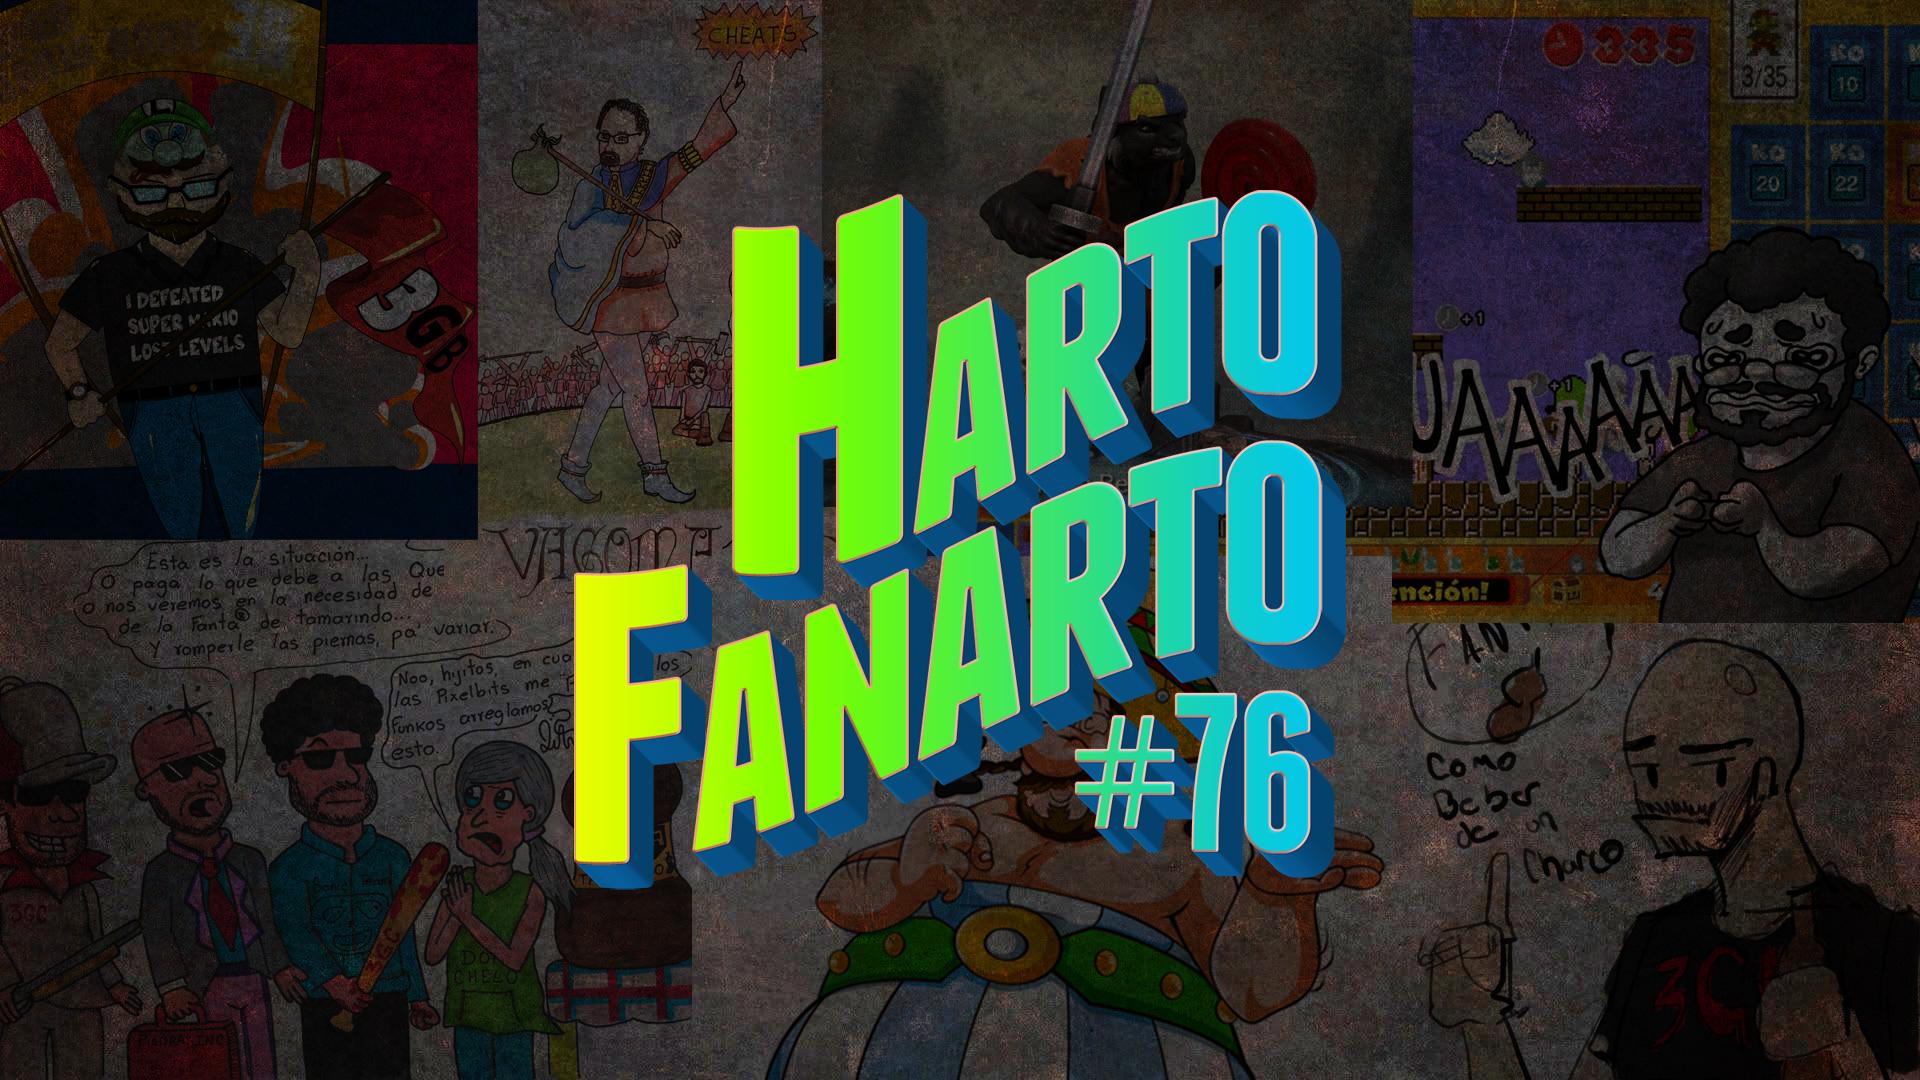 Harto Fanarto #76